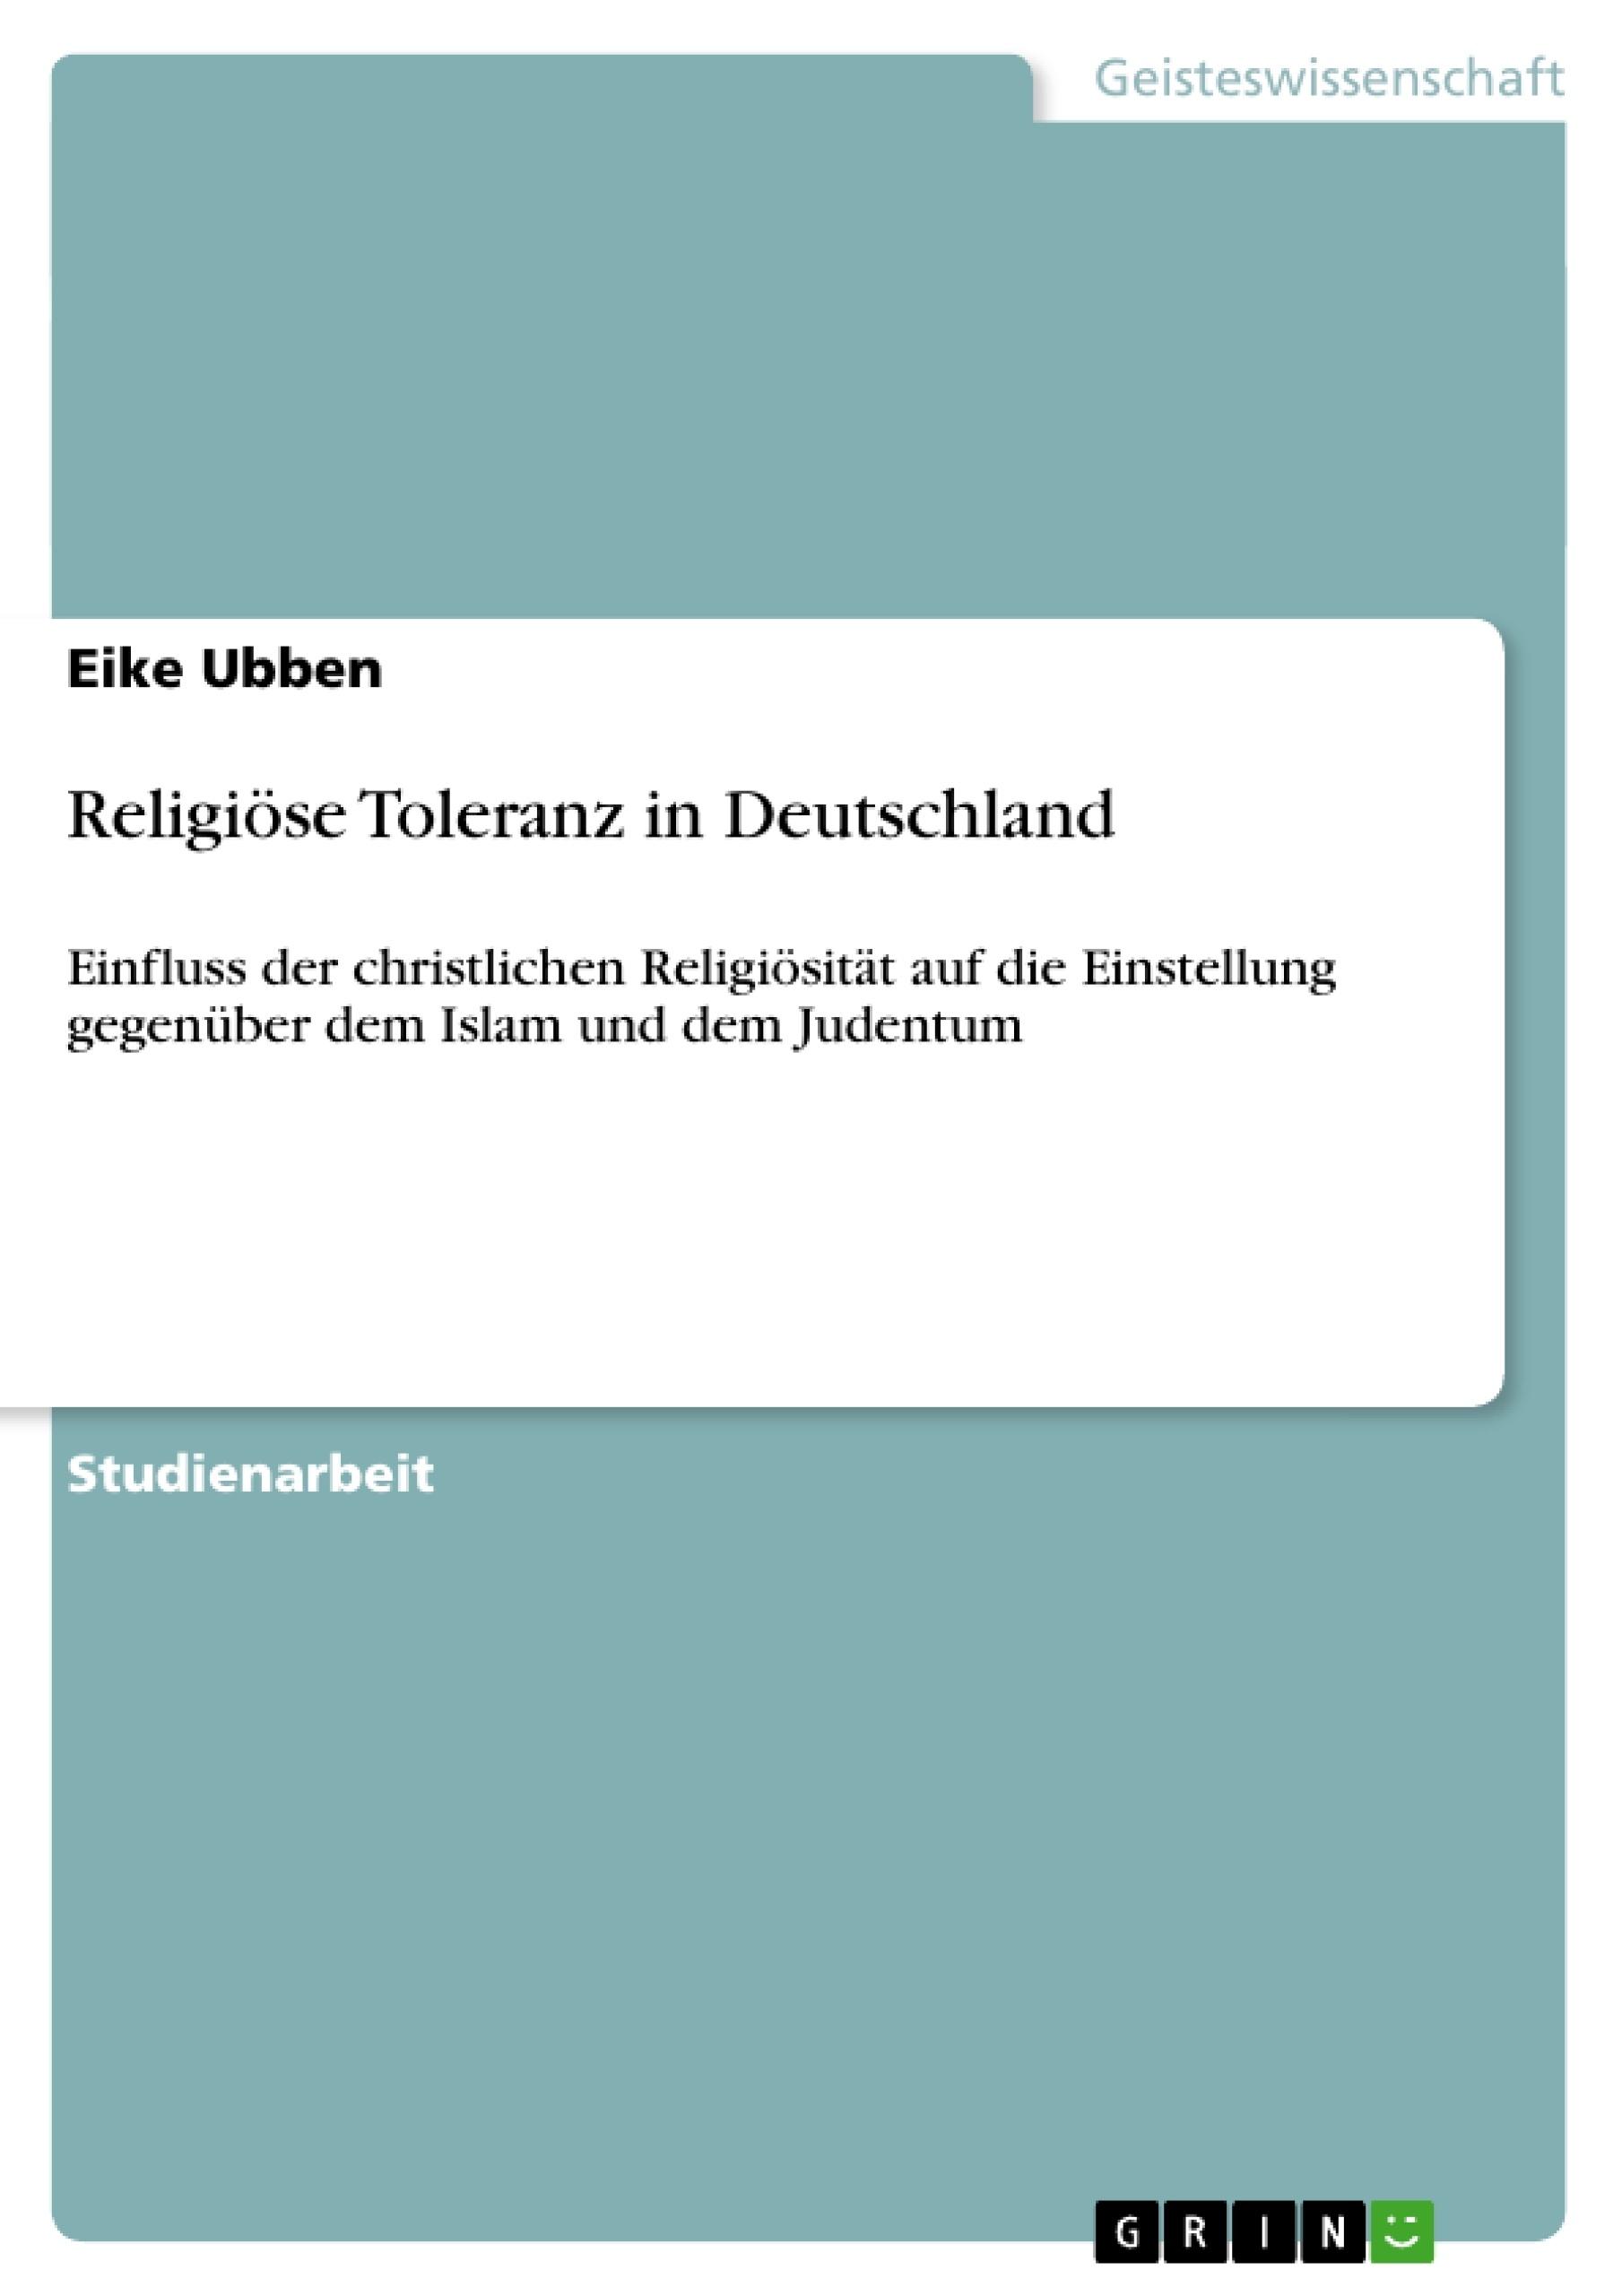 Titel: Religiöse Toleranz in Deutschland